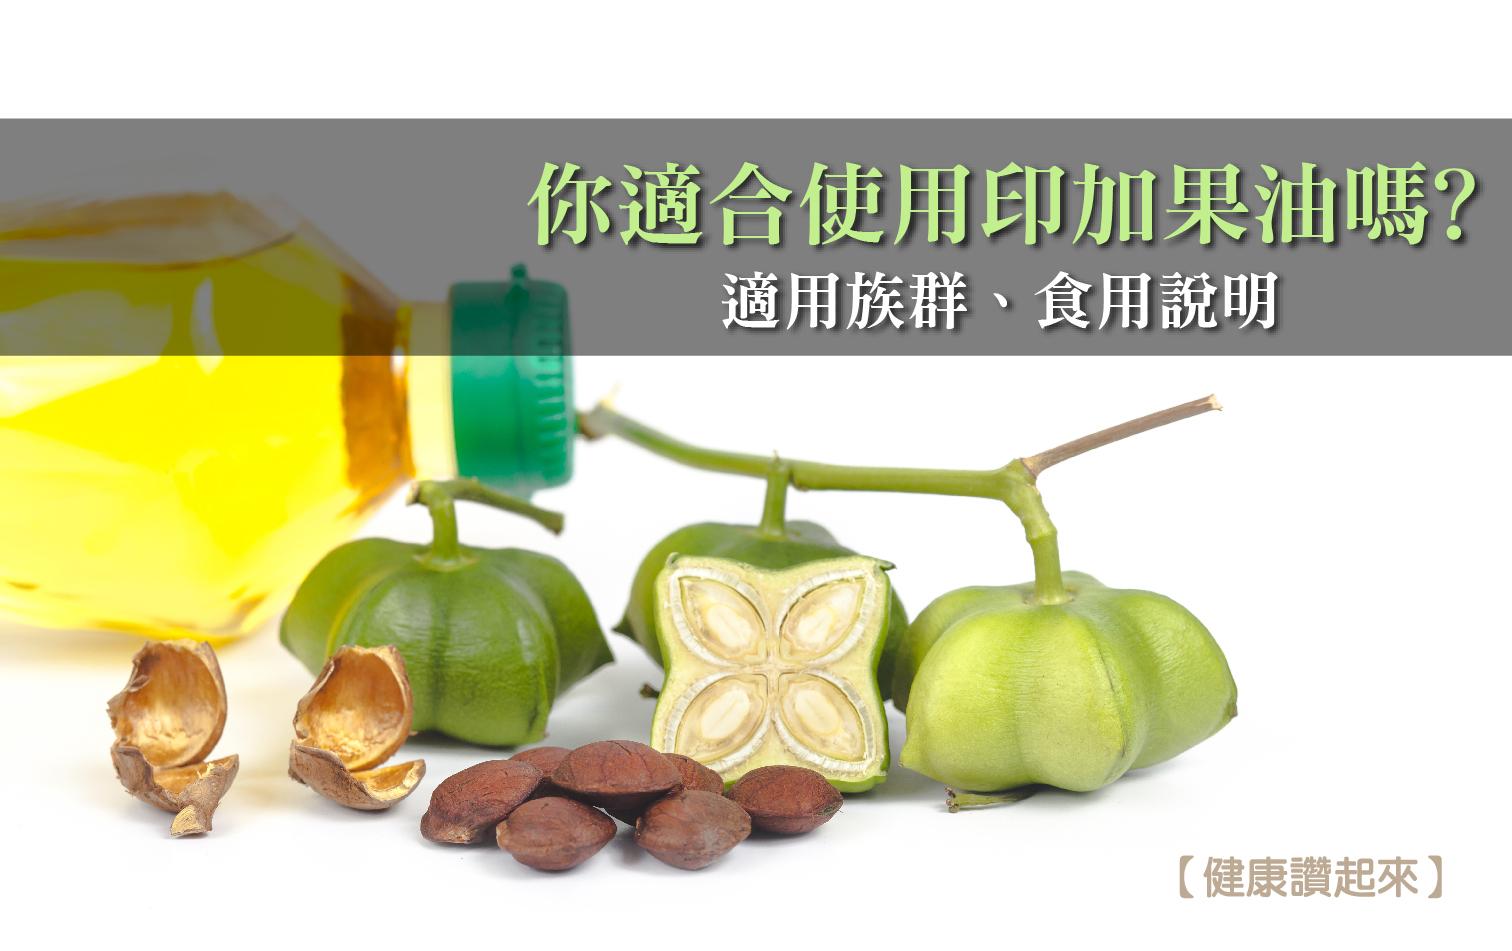 你適合使用印加果油嗎? 看這篇一次瞭解適用族群、副作用!